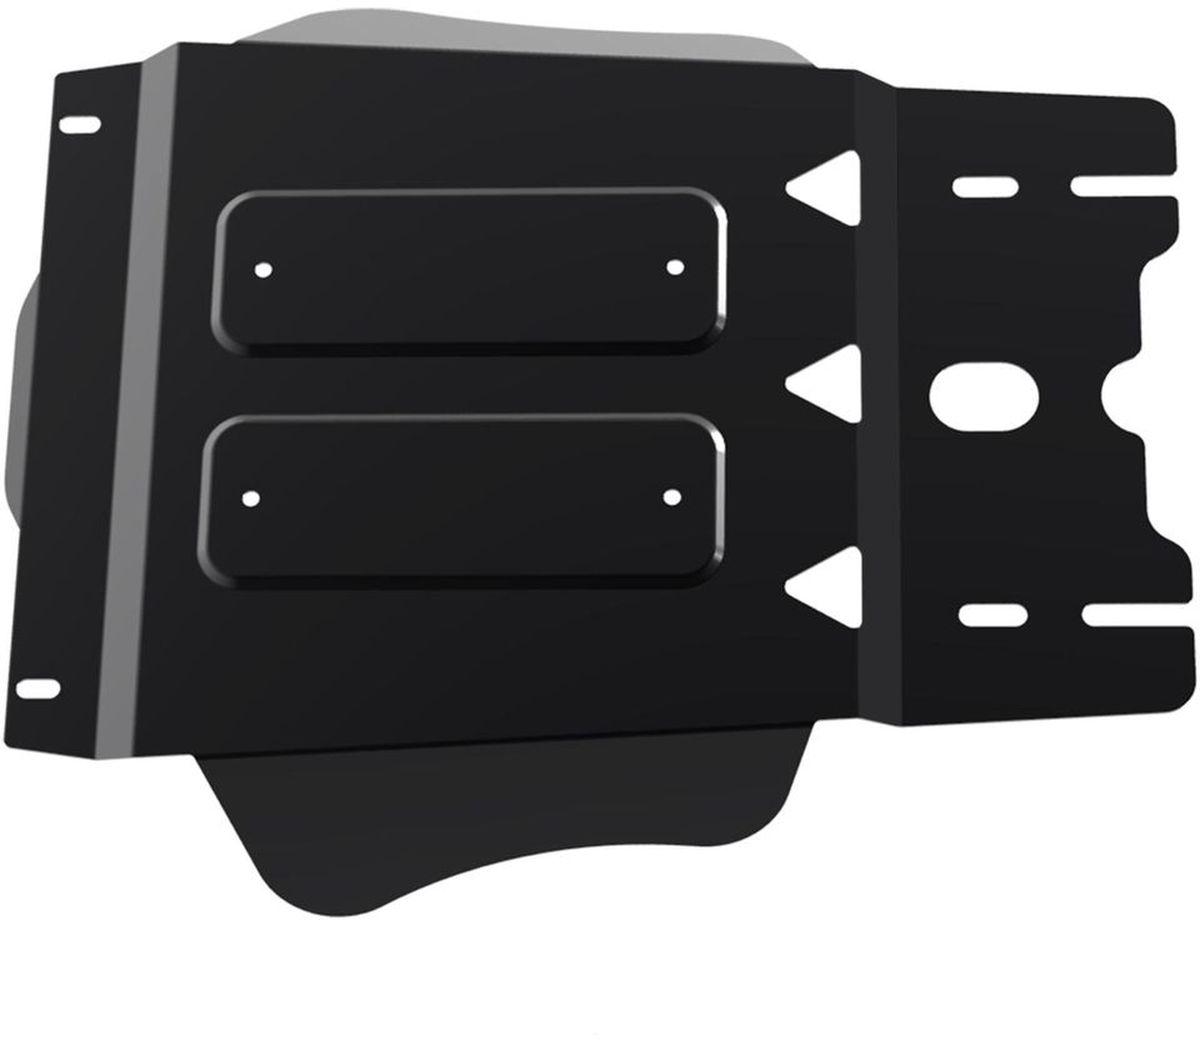 Защита КПП Автоброня Nissan Patrol 2004-2010, сталь 2 мм111.04116.1Защита КПП Автоброня Nissan Patrol, V - 3,0; 4,8 2004-2010, сталь 2 мм, комплект крепежа, 111.04116.1Дополнительно можно приобрести другие защитные элементы из комплекта: защита картера - 111.04114.1, защита рулевых тяг - 111.04115.1, защита РК - 111.04117.1Стальные защиты Автоброня надежно защищают ваш автомобиль от повреждений при наезде на бордюры, выступающие канализационные люки, кромки поврежденного асфальта или при ремонте дорог, не говоря уже о загородных дорогах.- Имеют оптимальное соотношение цена-качество.- Спроектированы с учетом особенностей автомобиля, что делает установку удобной.- Защита устанавливается в штатные места кузова автомобиля.- Является надежной защитой для важных элементов на протяжении долгих лет.- Глубокий штамп дополнительно усиливает конструкцию защиты.- Подштамповка в местах крепления защищает крепеж от срезания.- Технологические отверстия там, где они необходимы для смены масла и слива воды, оборудованные заглушками, закрепленными на защите.Толщина стали 2 мм.В комплекте крепеж и инструкция по установке.Уважаемые клиенты!Обращаем ваше внимание на тот факт, что защита имеет форму, соответствующую модели данного автомобиля. Наличие глубокого штампа и лючков для смены фильтров/масла предусмотрено не на всех защитах. Фото служит для визуального восприятия товара.